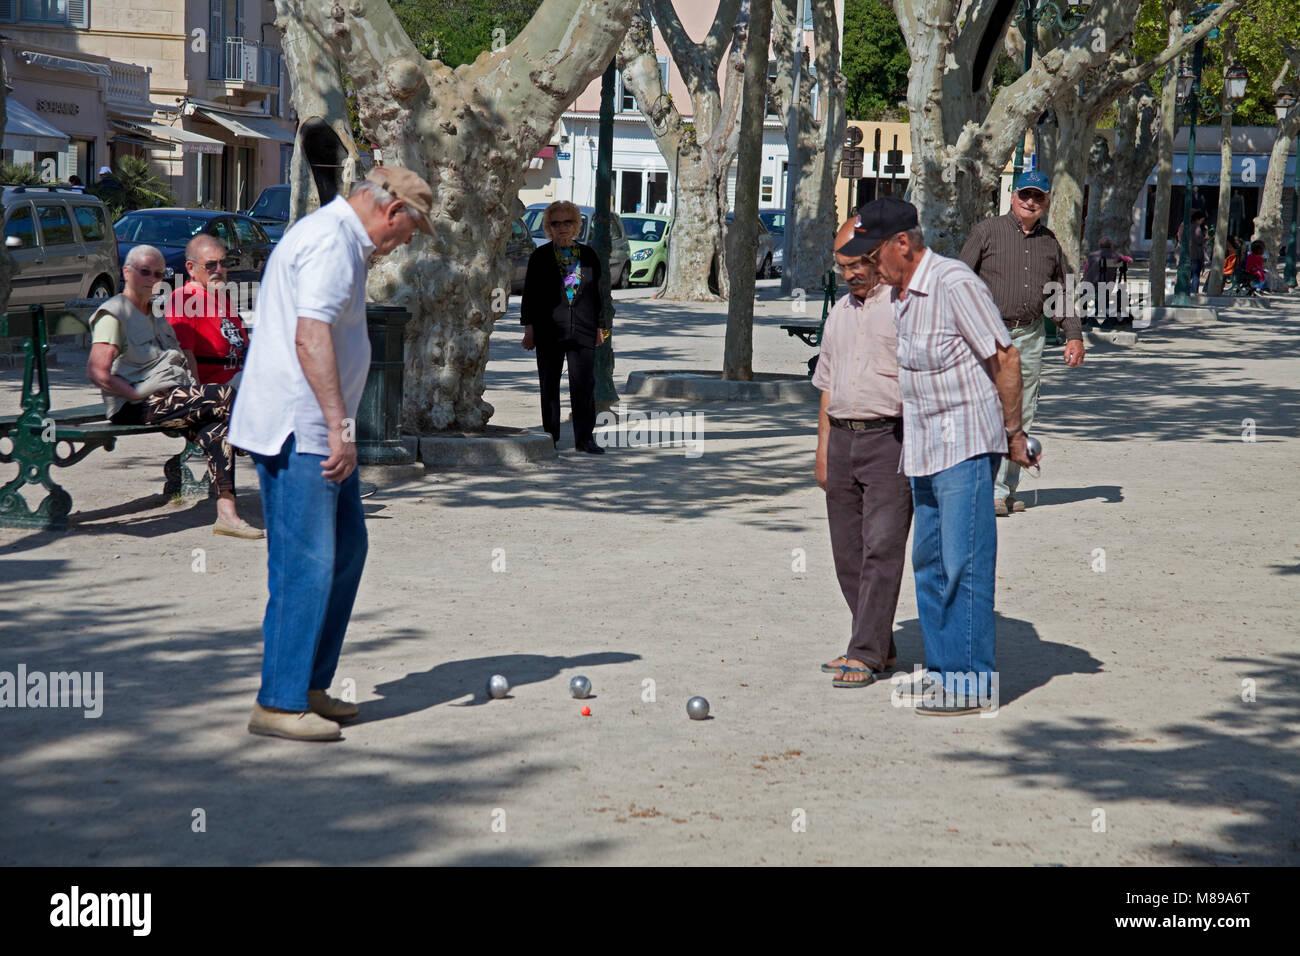 les hommes de jouer aux boules p tanque la place des lices un jeu populaire vieille ville. Black Bedroom Furniture Sets. Home Design Ideas